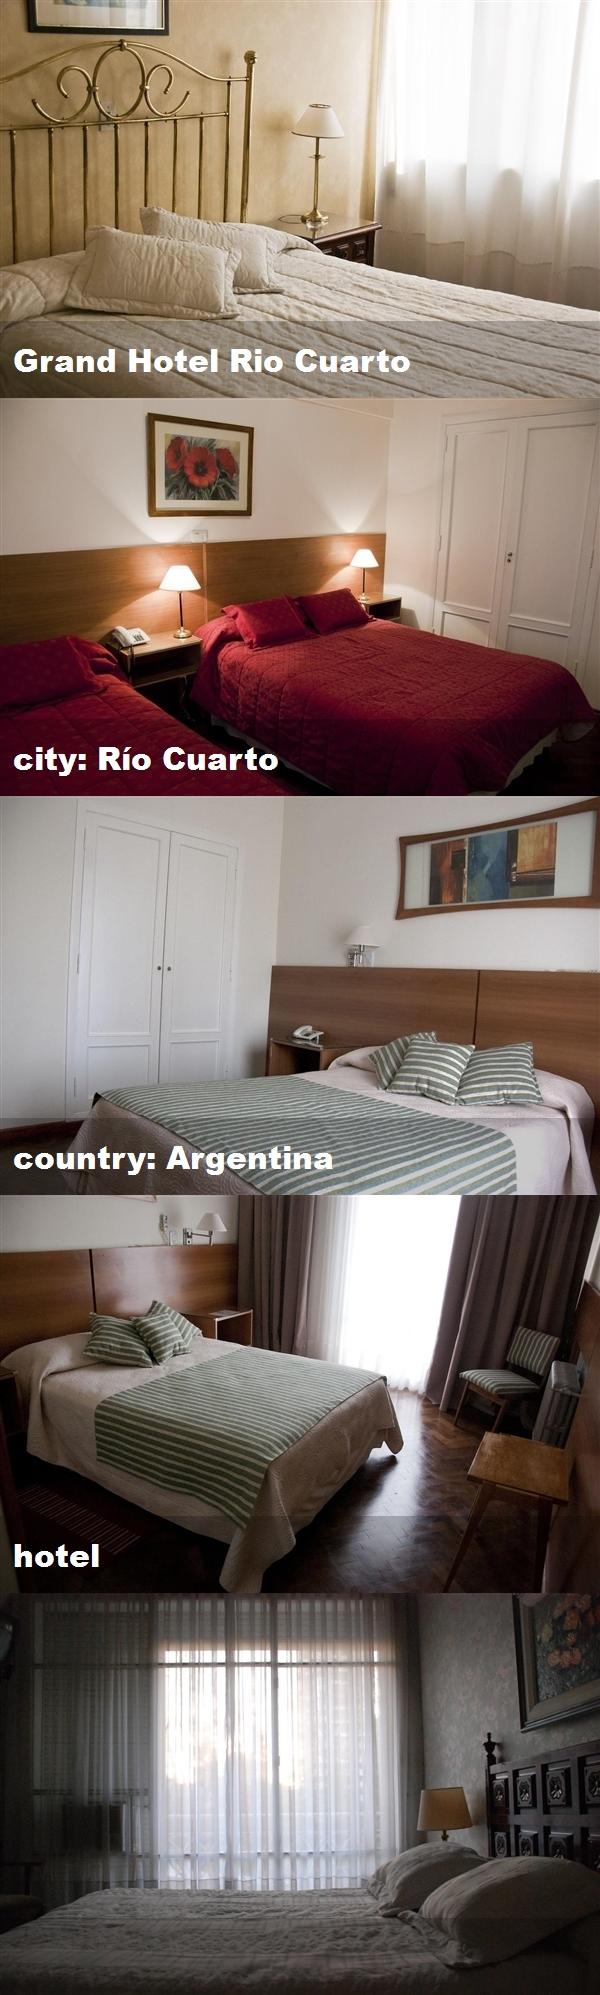 Grand Hotel Rio Cuarto, city: Río Cuarto, country: Argentina, hotel ...